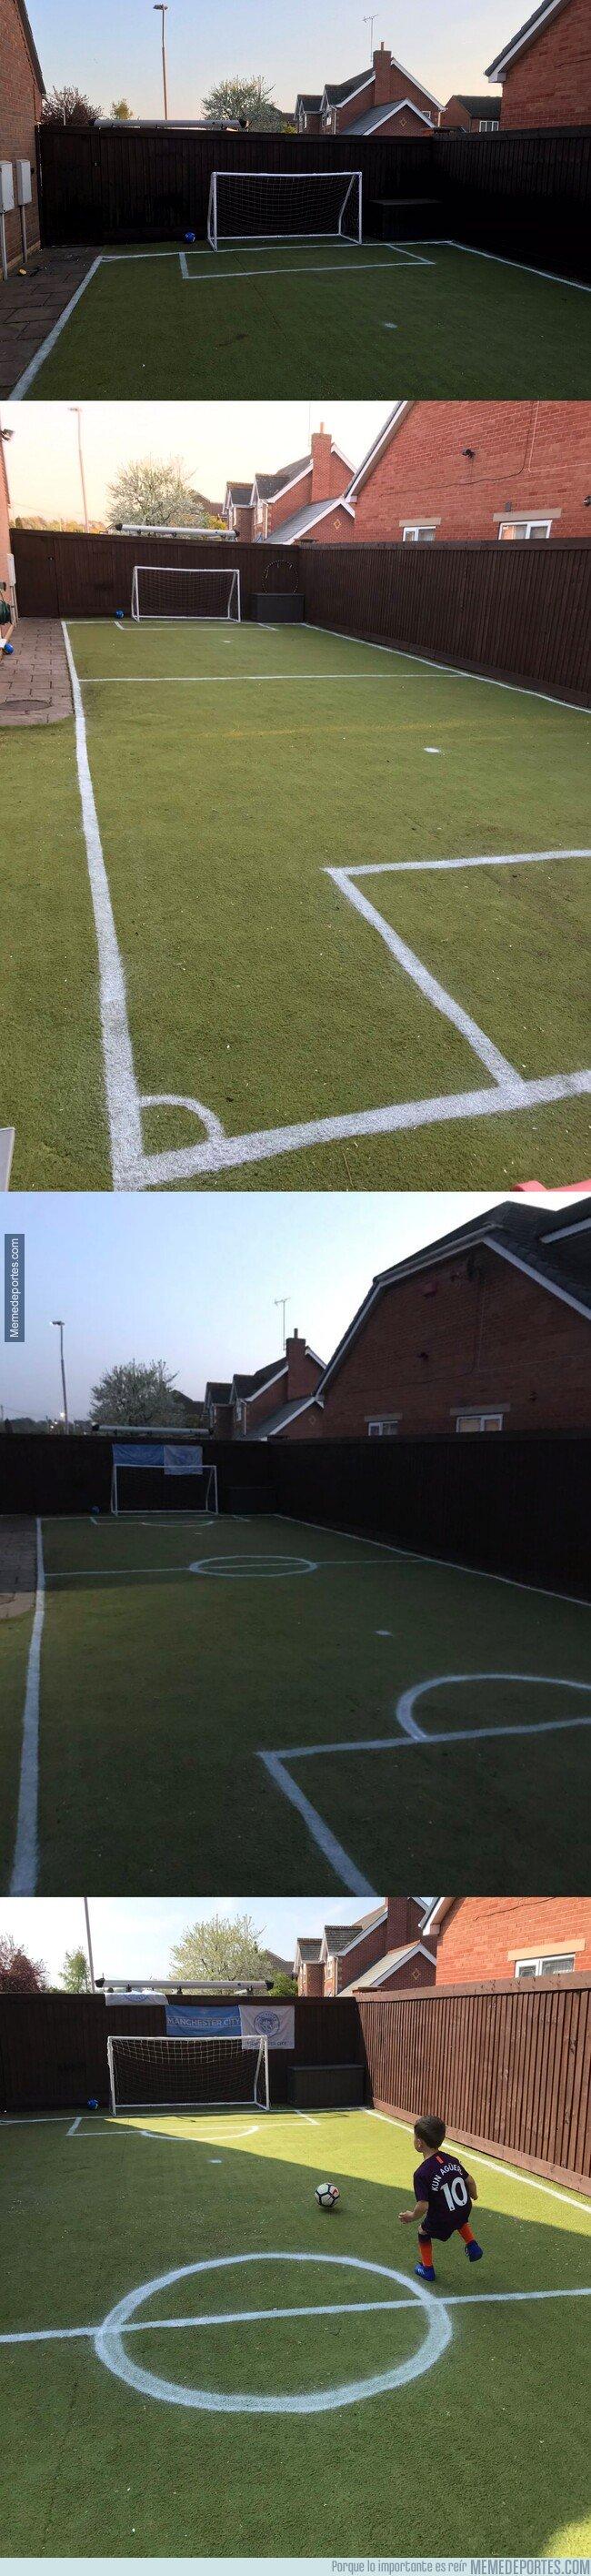 1072938 - Un padre transforma su jardín en un campo de fútbol para el cumpleaños de su hijo